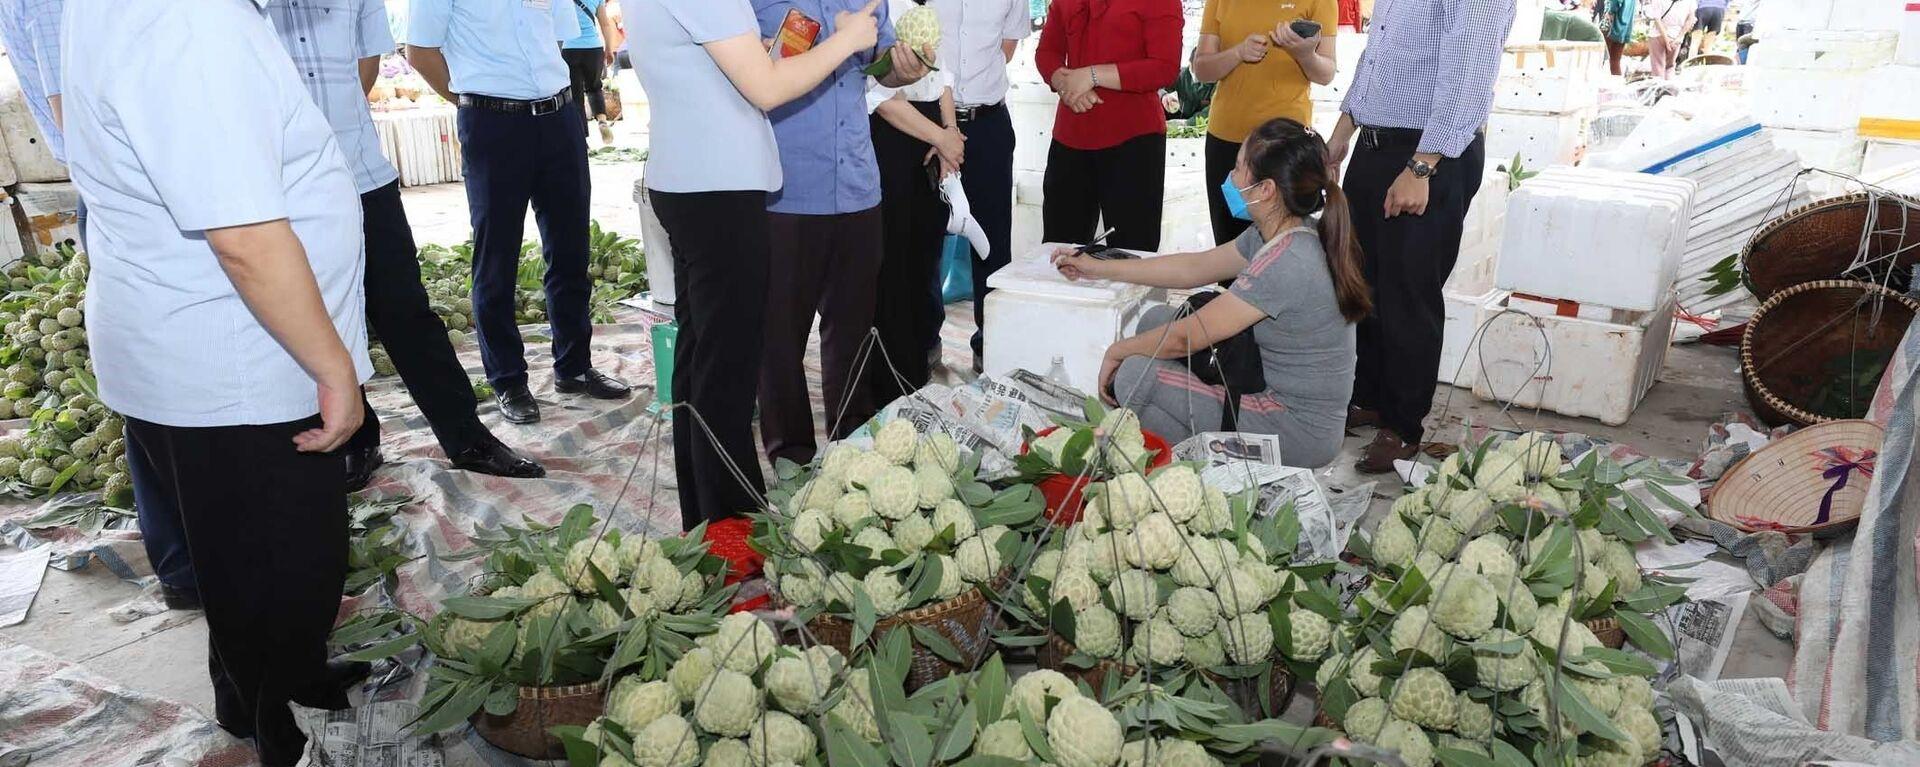 Hiện nay, na tiêu chuẩn VietGAP của Hợp tác xã nông sản huyện Chi Lăng đã bắt đầu cho thu hoạch nhưng việc tiêu thụ bị ảnh hưởng do dịch COVID-19. - Sputnik Việt Nam, 1920, 06.09.2021